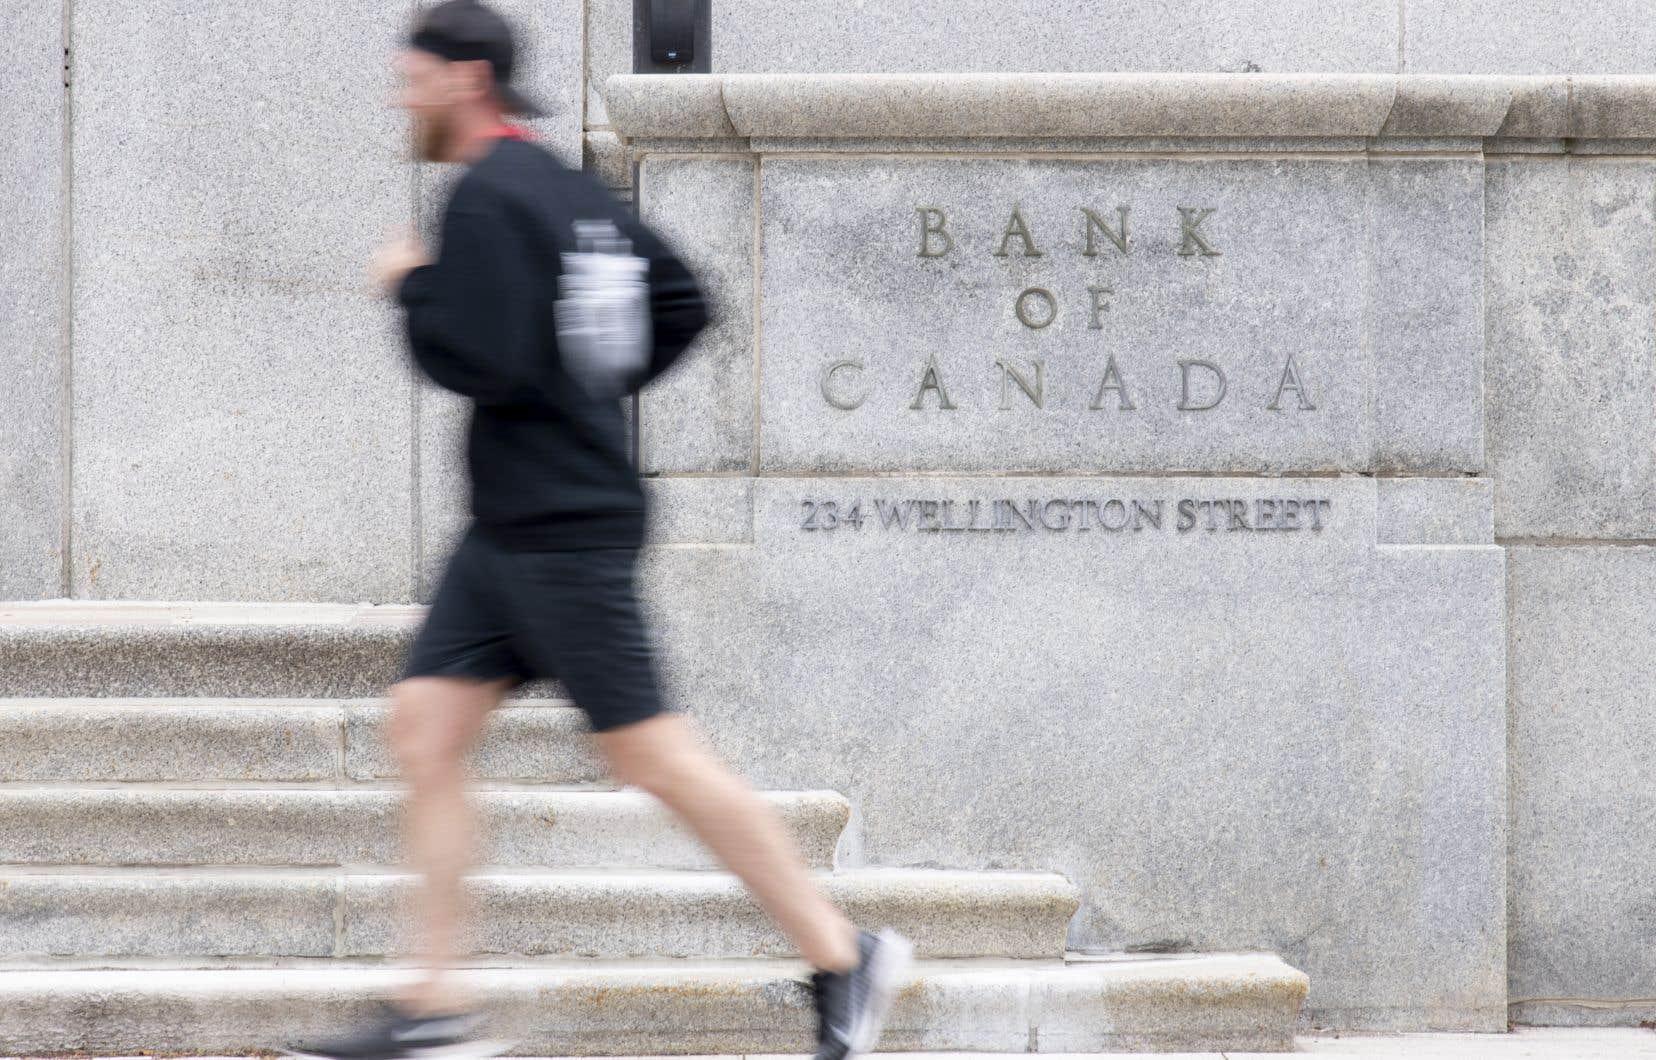 Tous les cinq ans, le gouvernement fédéral fait le point avec la banque centrale sur son principal mandat en matière de politique monétaire.